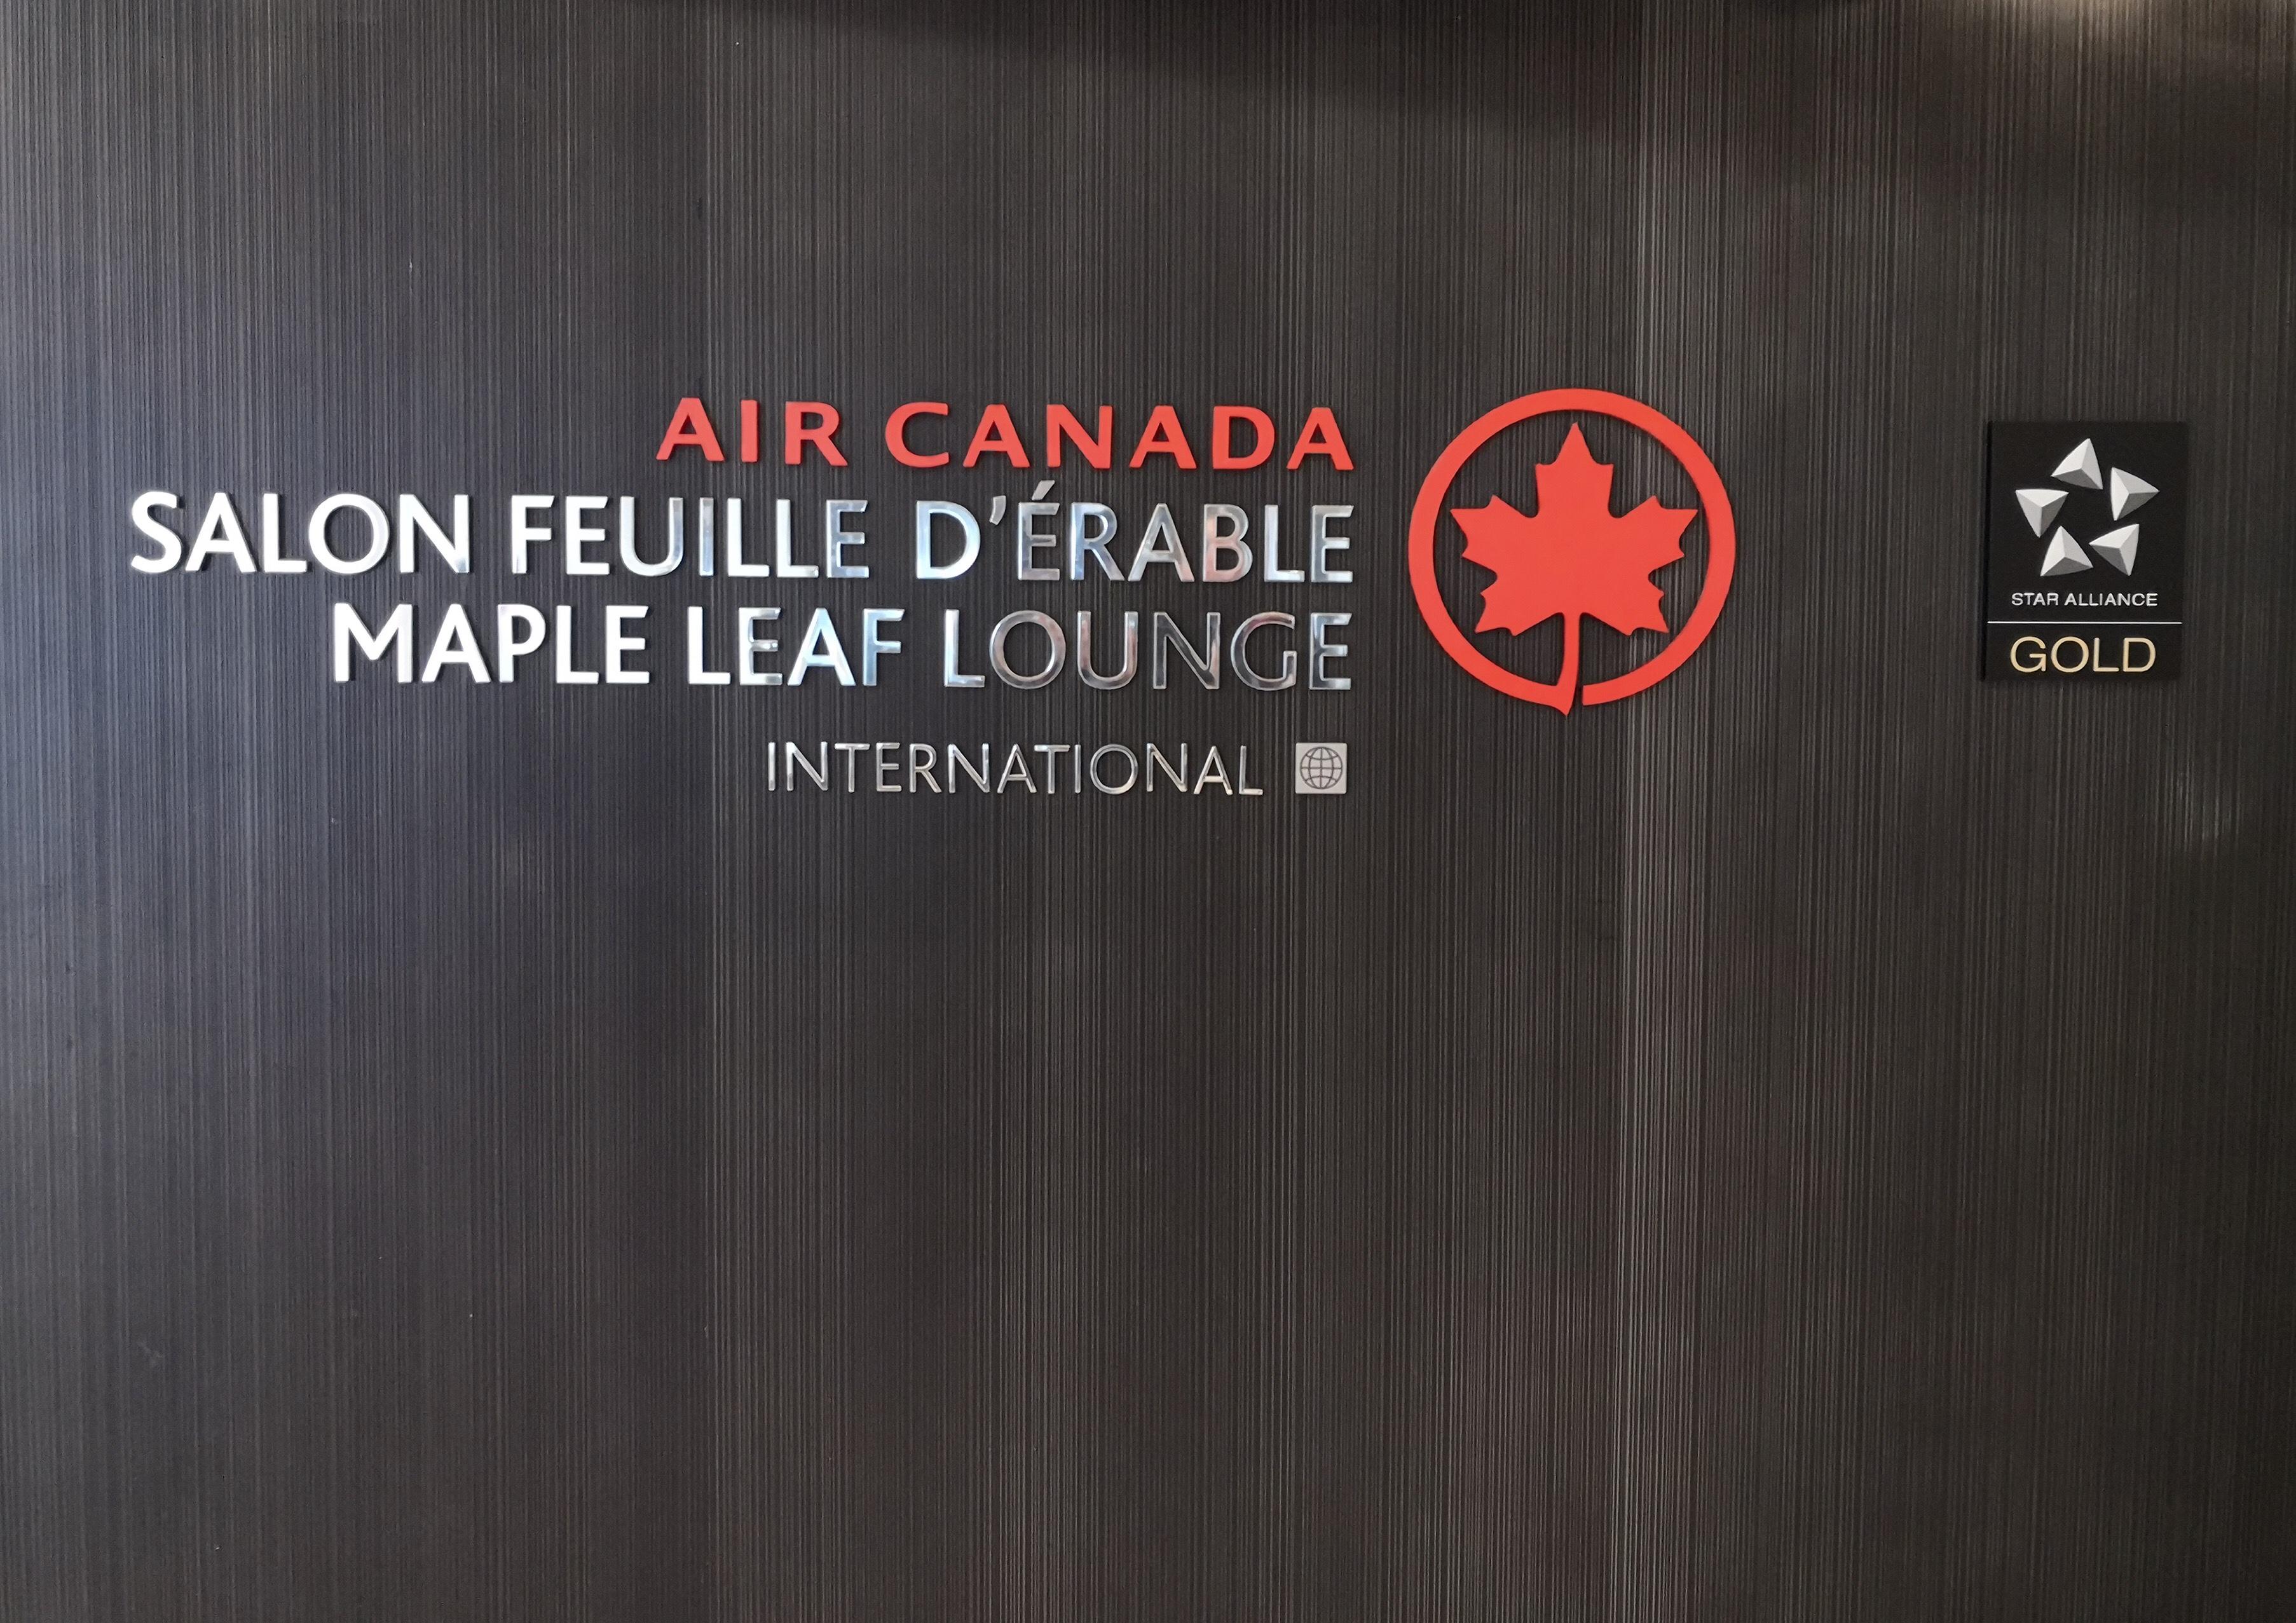 モントリオール空港 スターアライアンスゴールド ラウンジ エアカナダ